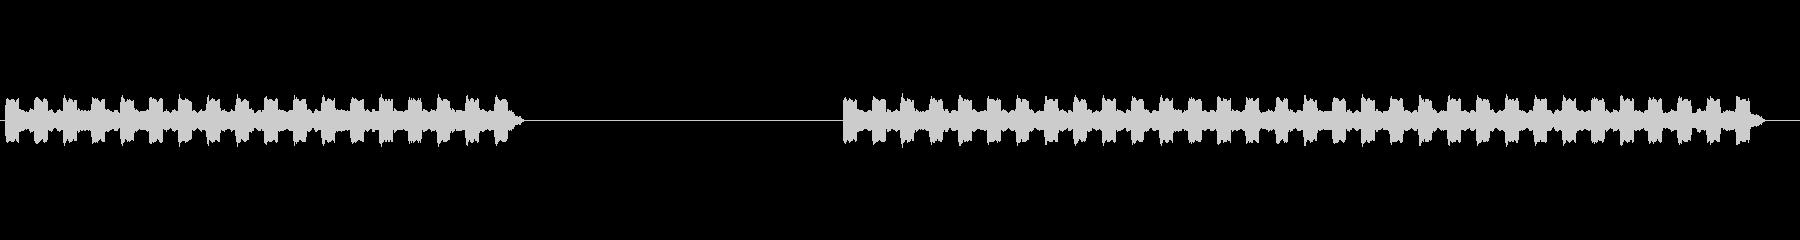 短いコンピューターテレメトリー読み取りの未再生の波形